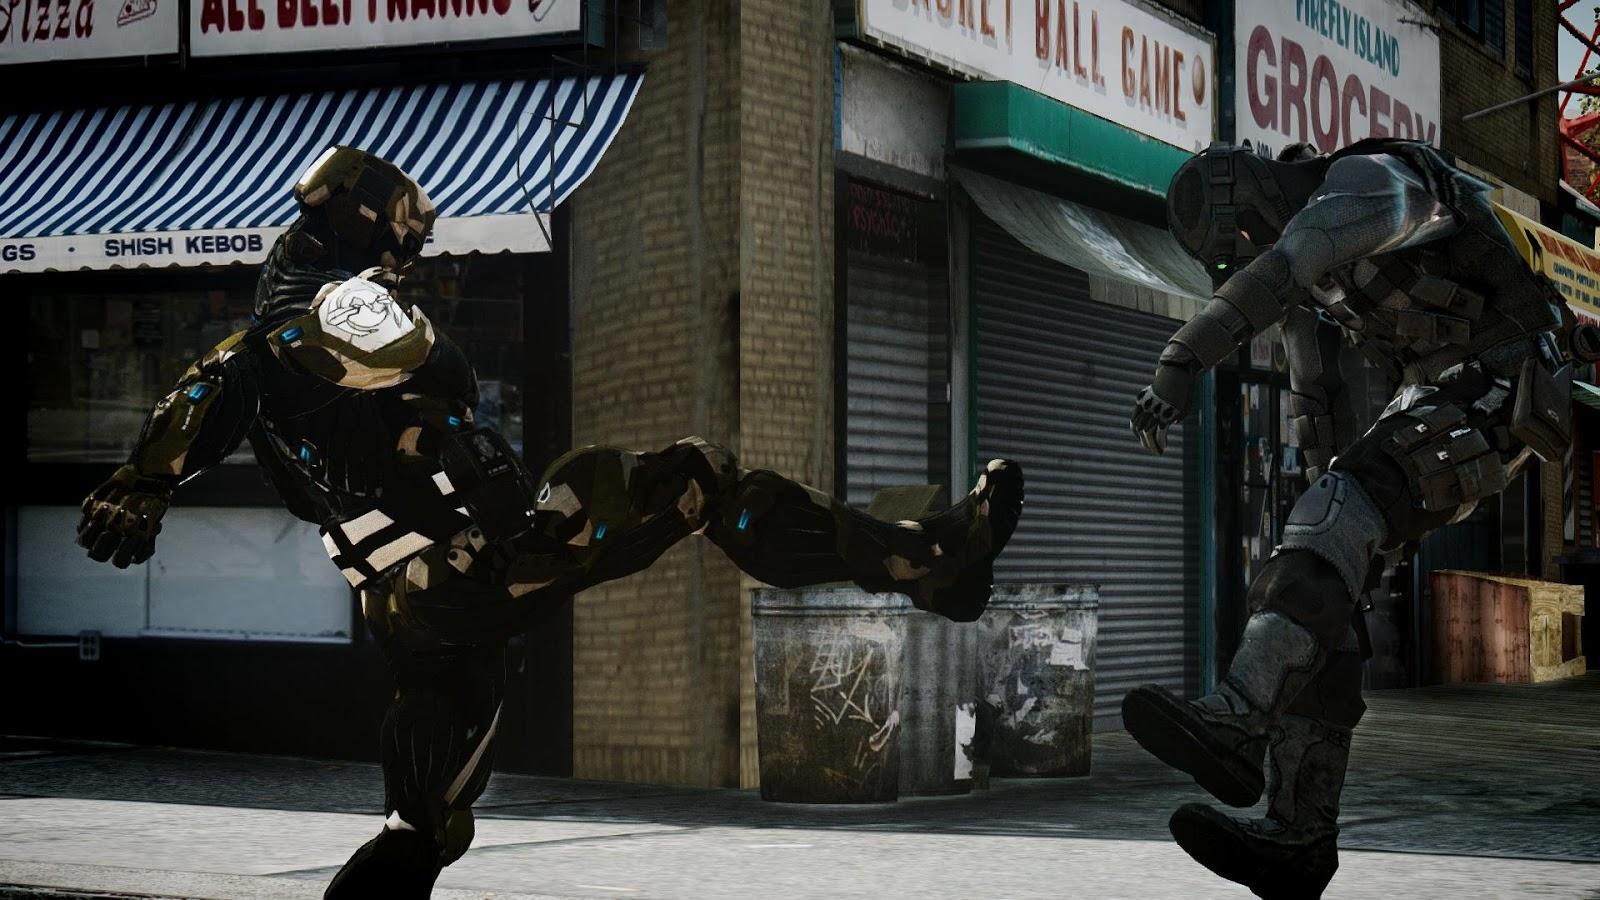 GTA 5,GTAV,GTA IV Mods and Skins: GTA 4 MOD :Crysis 3 The Hunter